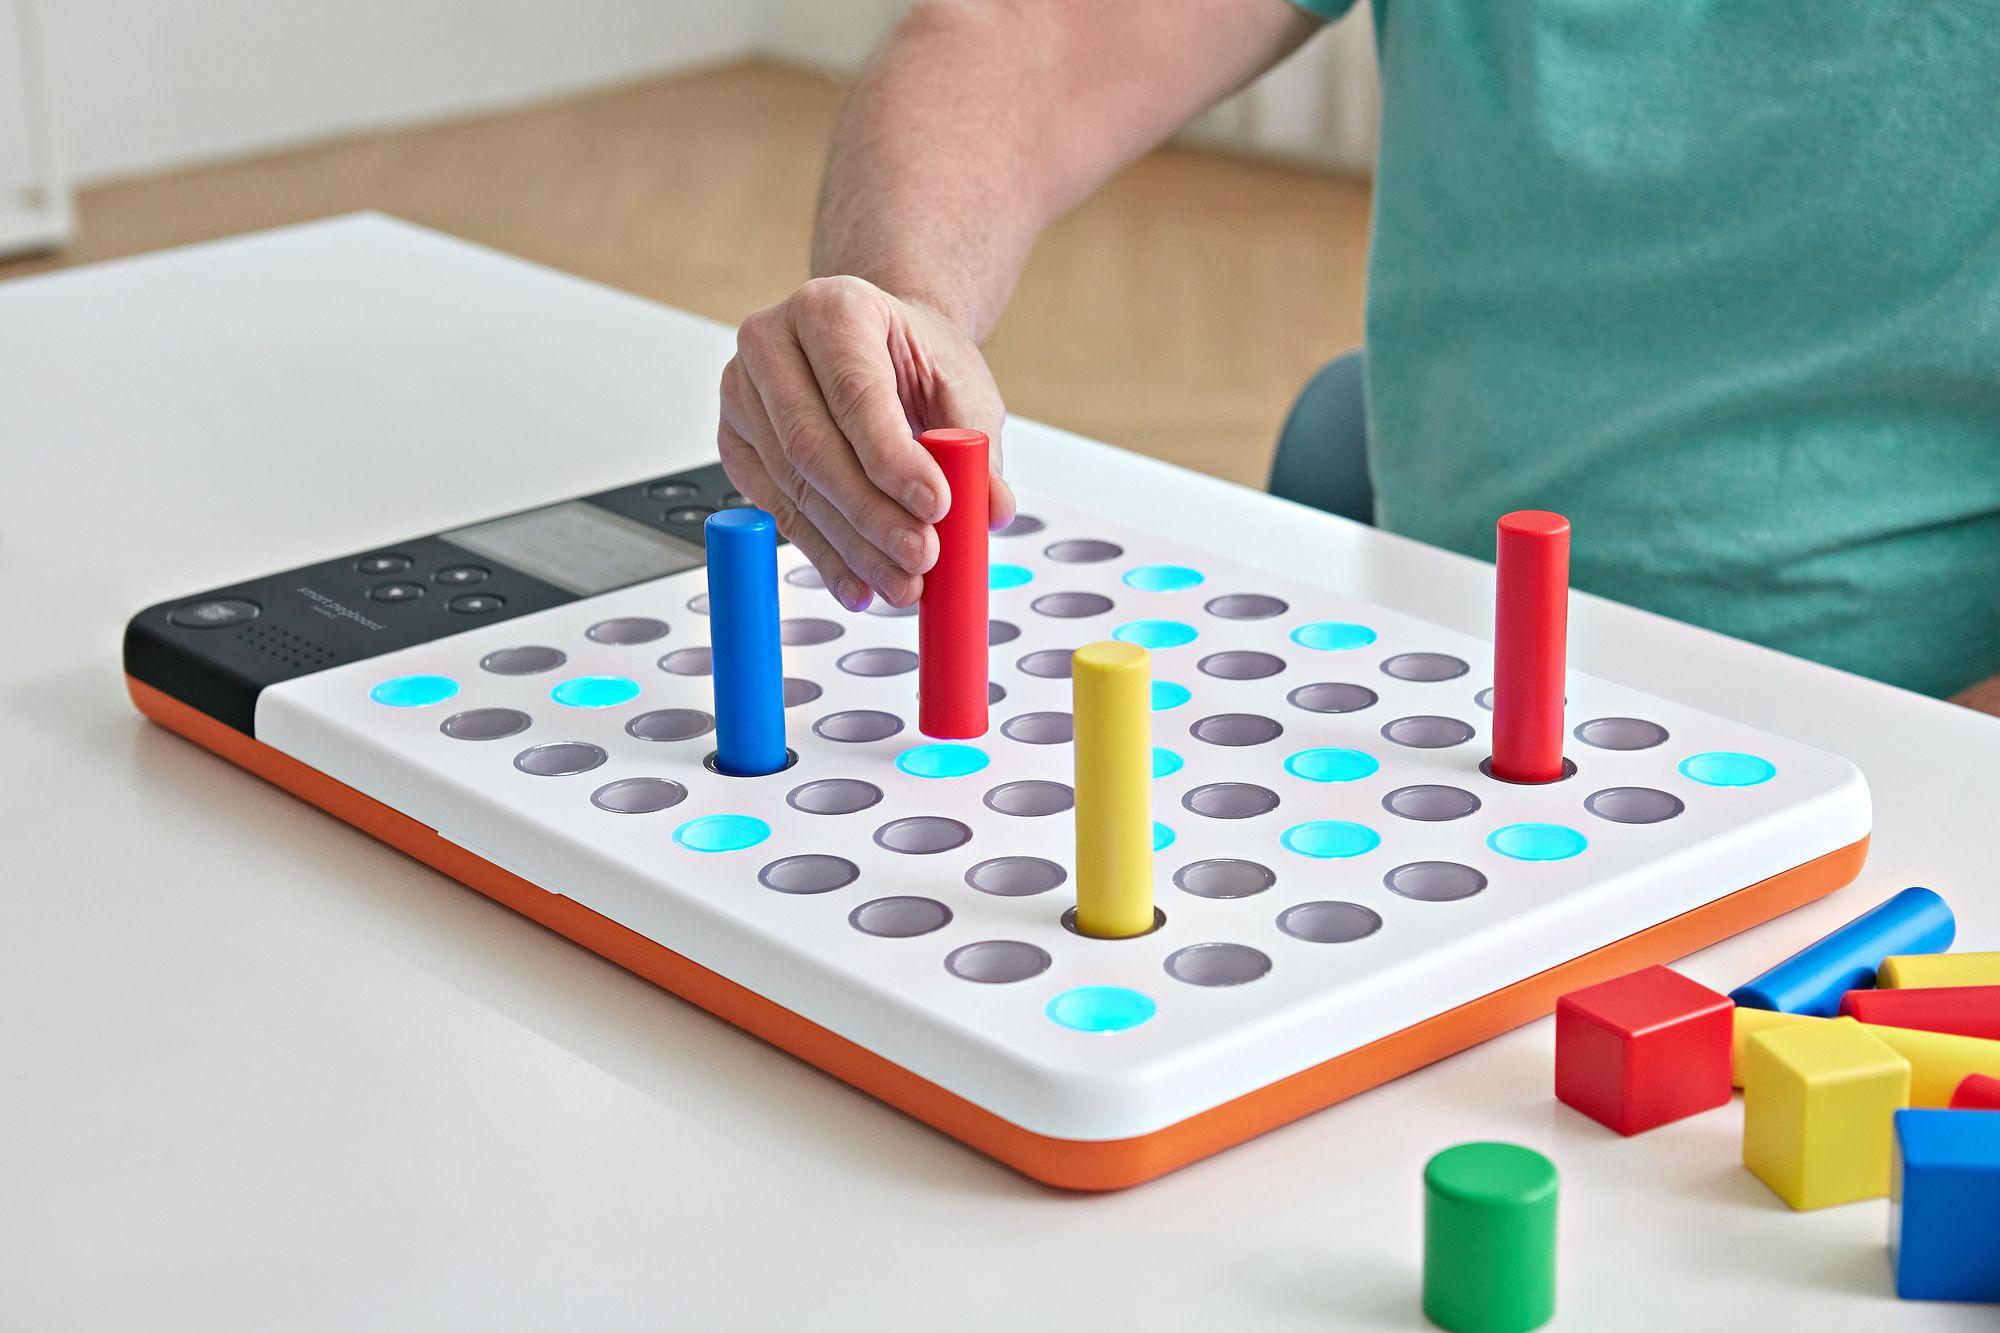 Neofect-Smart-Pegboard-helps-fine-motor-skills-activities